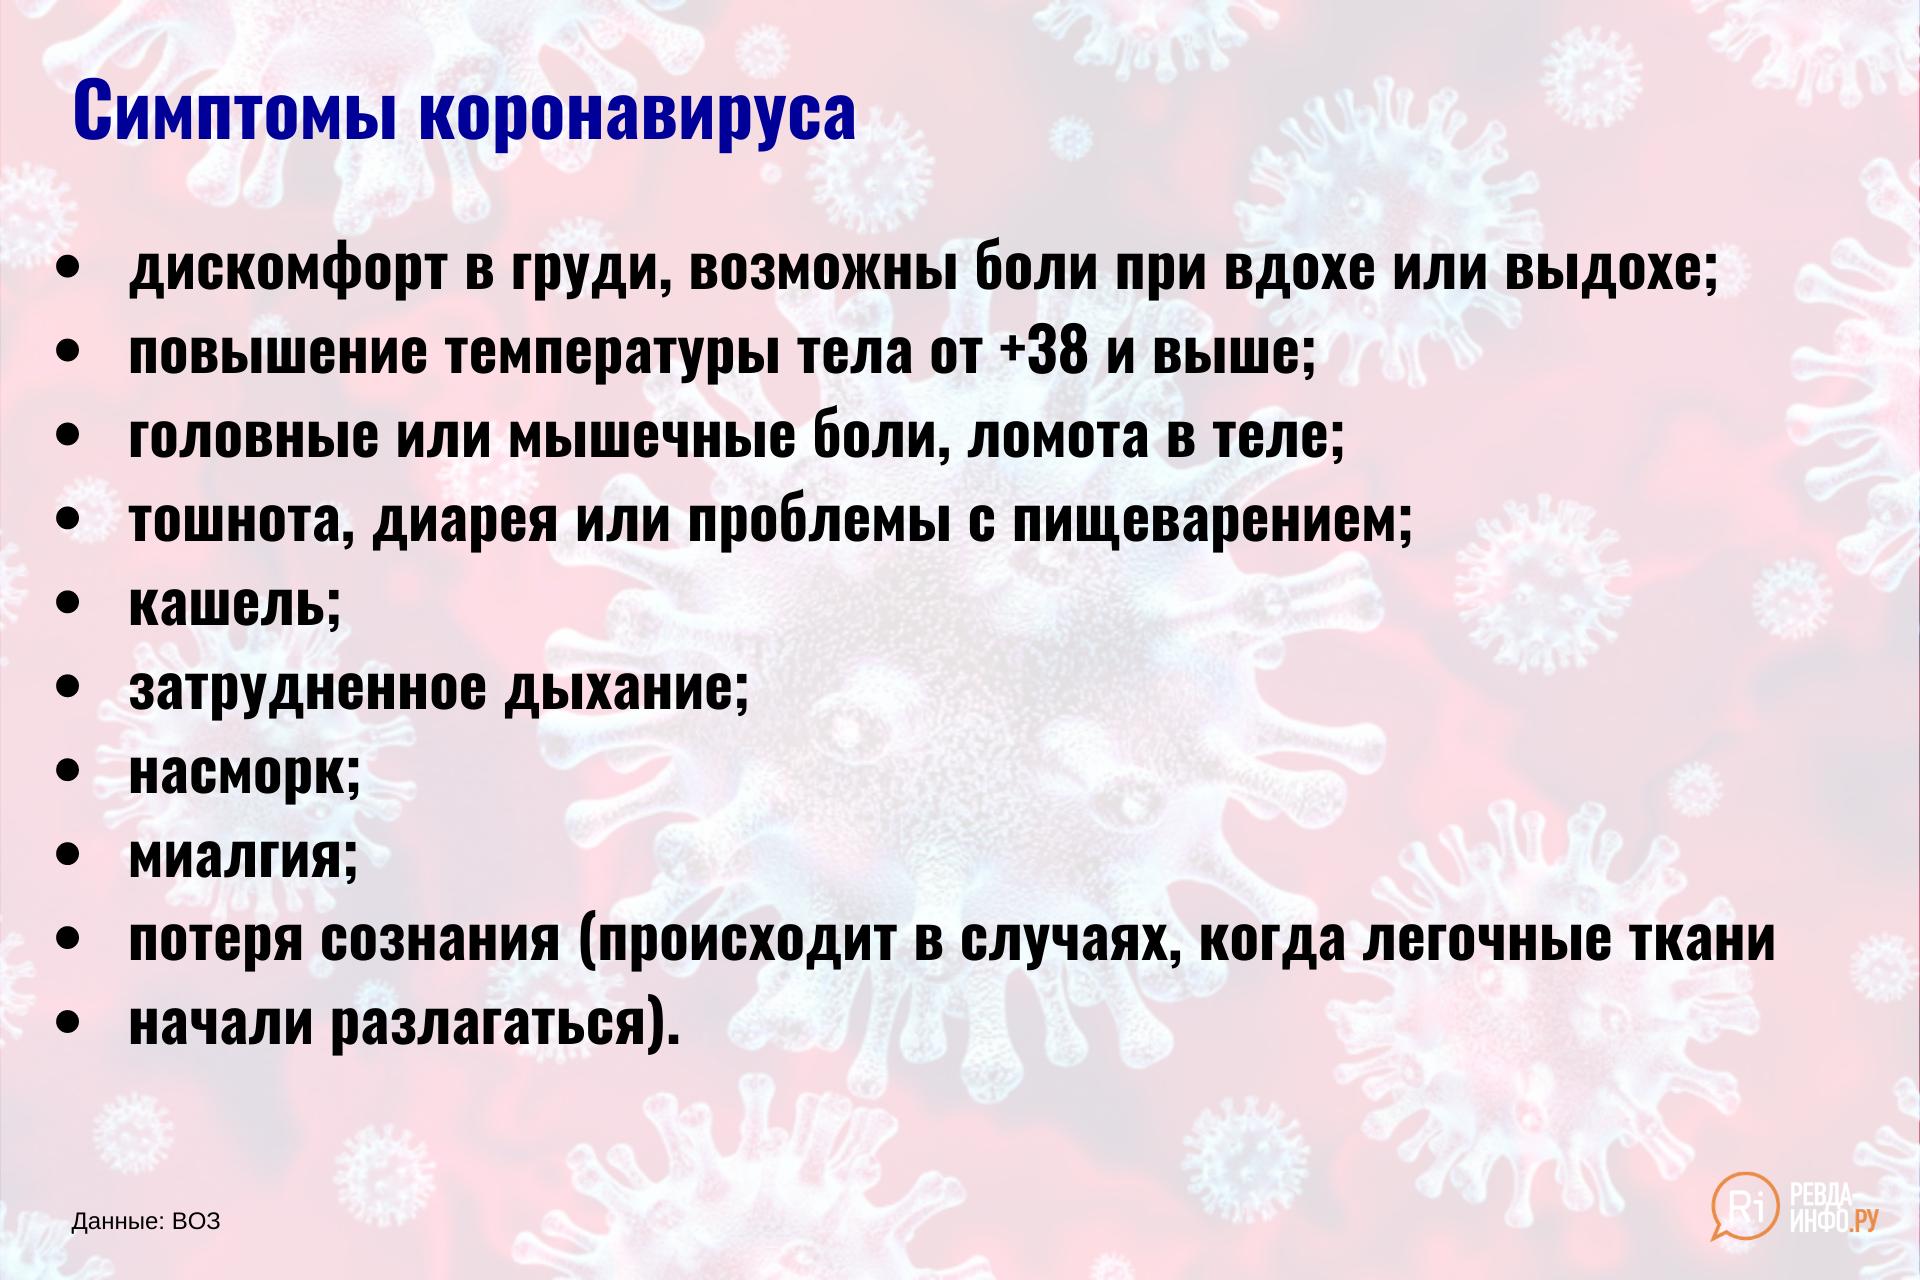 Kak-pravilno-ispolzovat-medetsinskuyu-masku_-kopiya-1